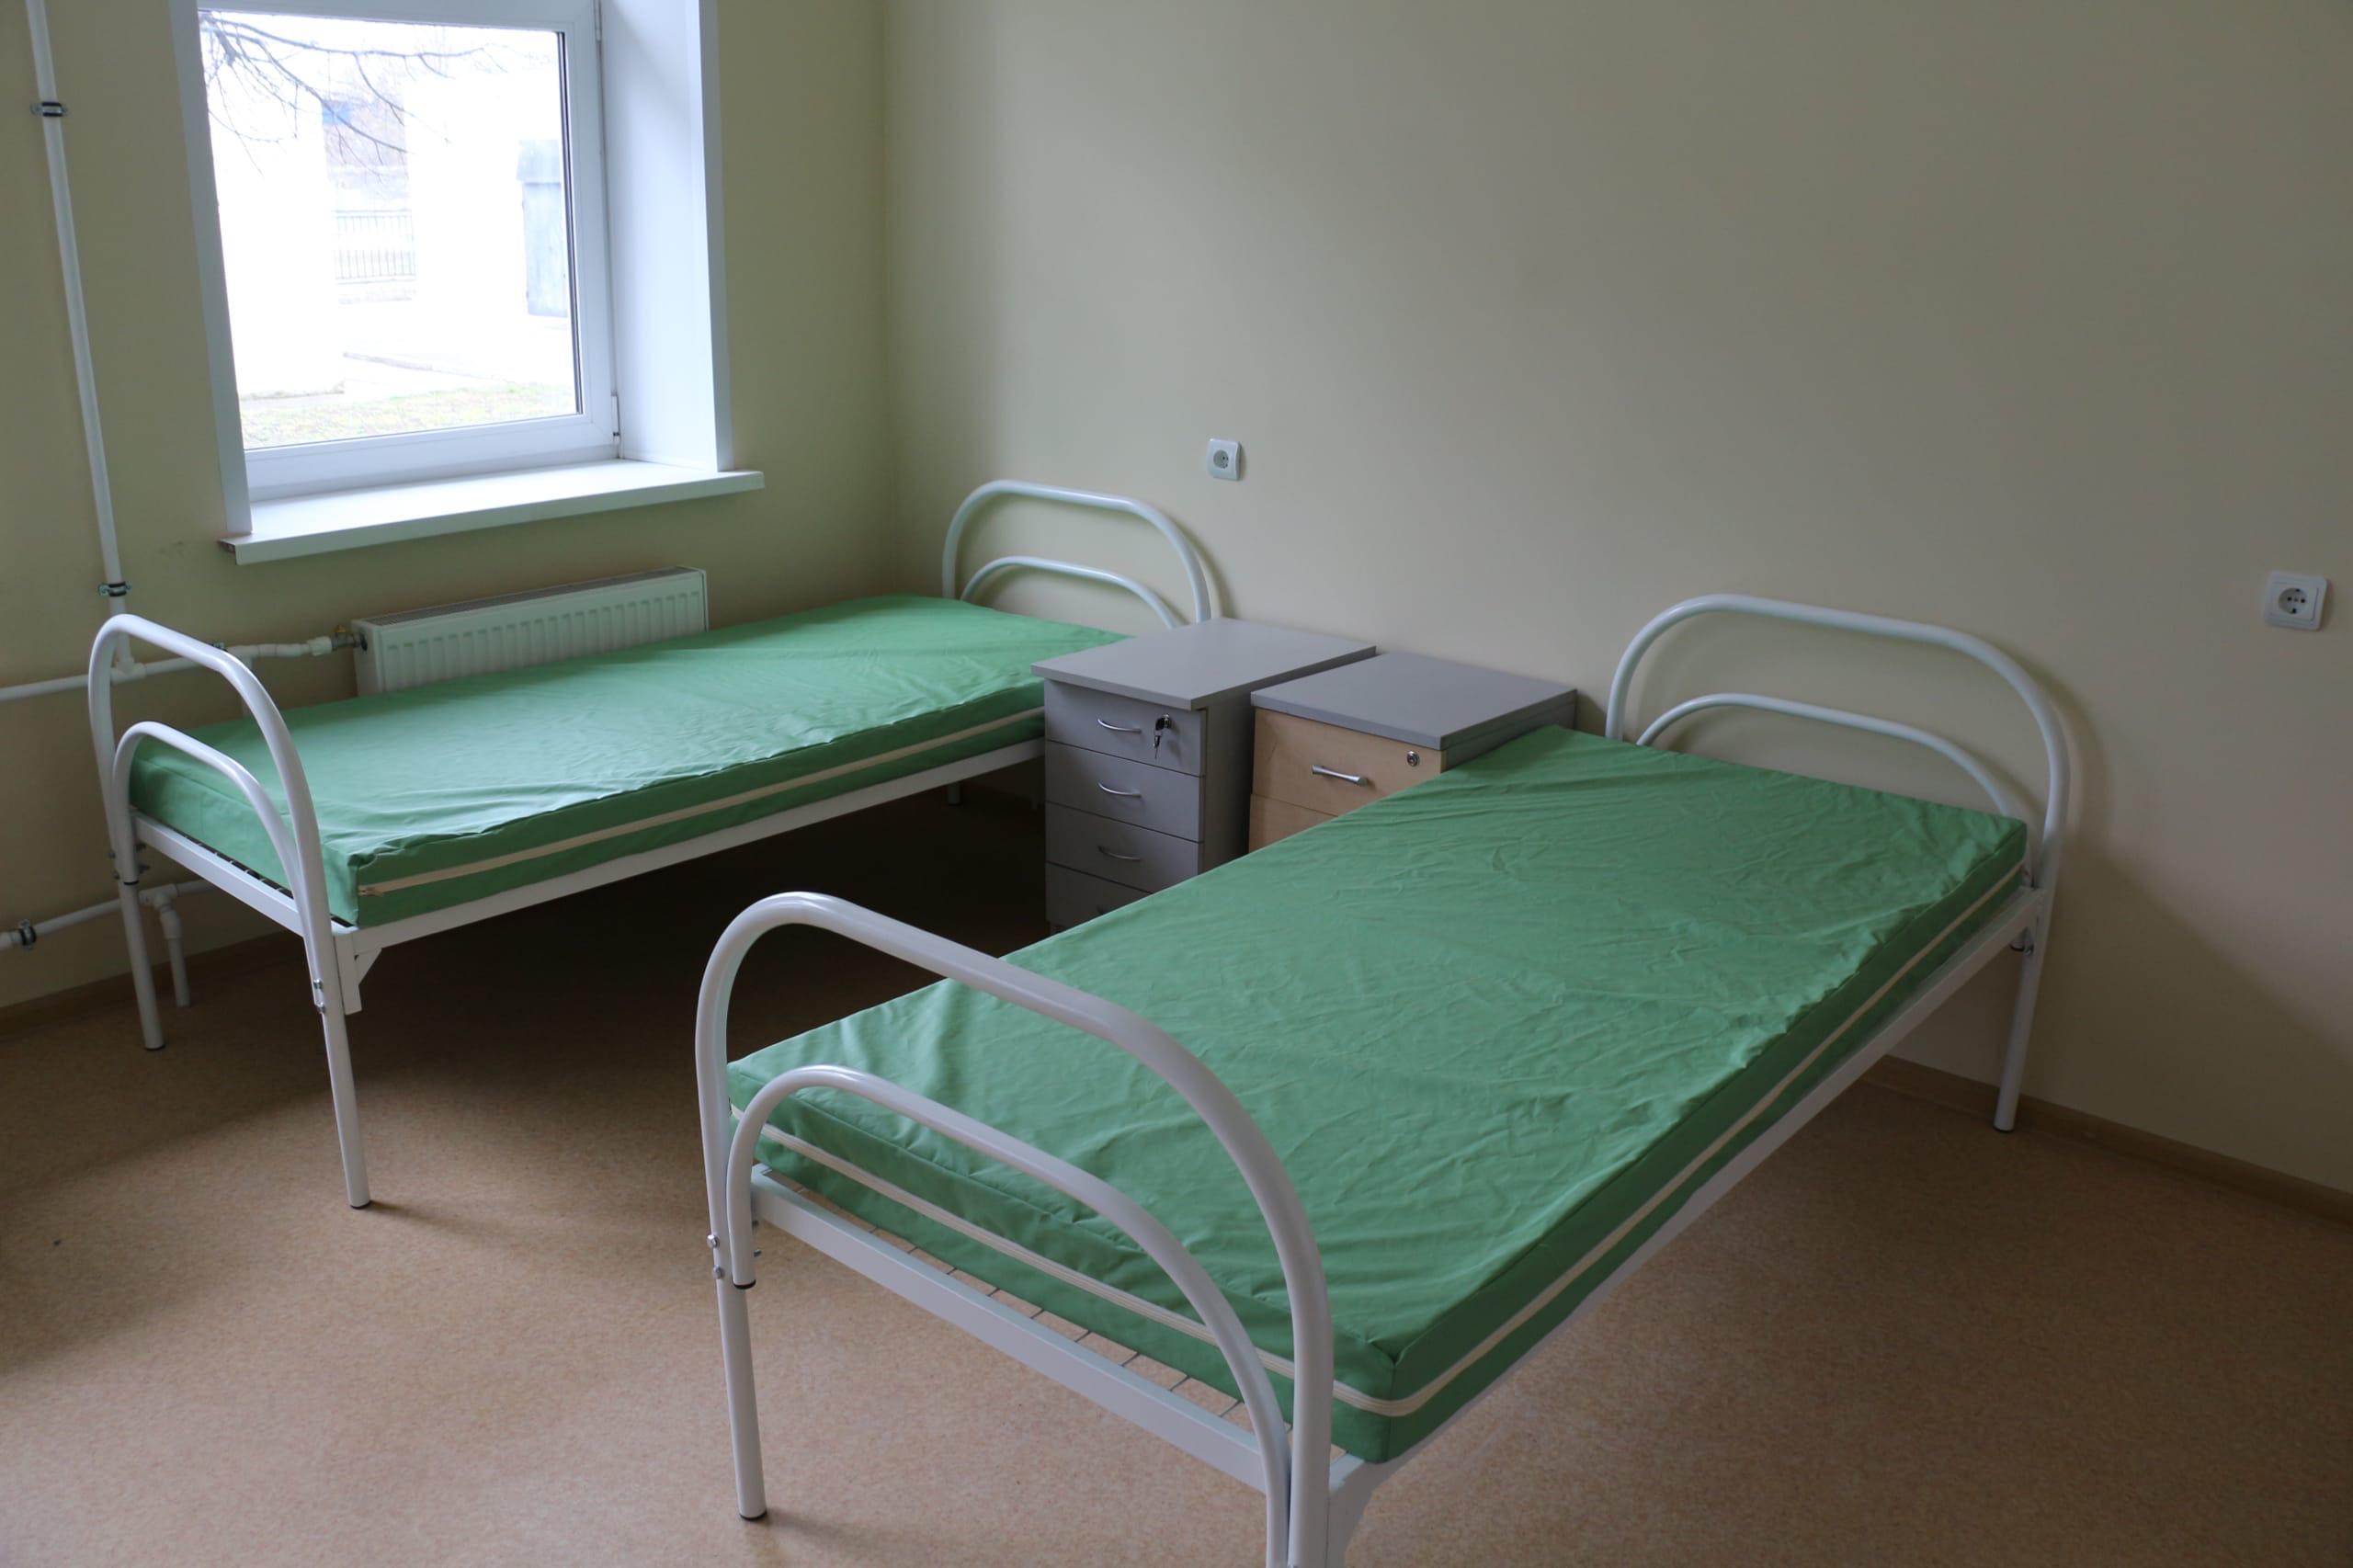 больница, палата, койки